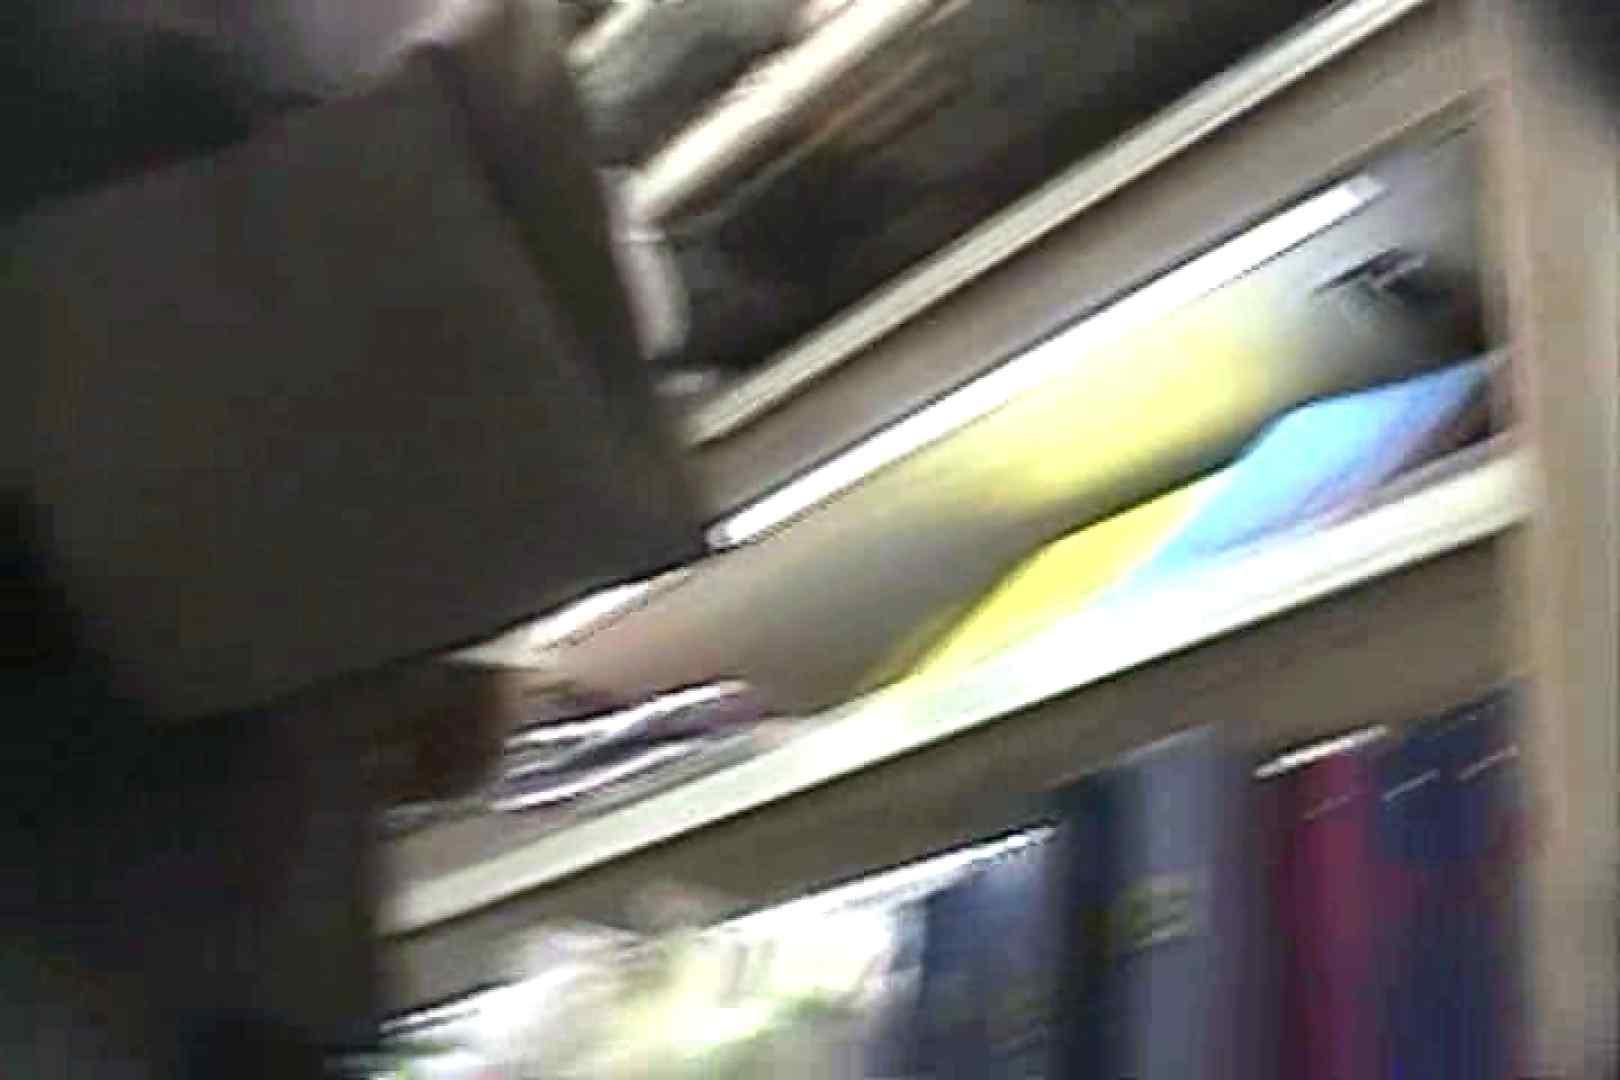 がぶりより!!ムレヌレパンツVol.2 接写 盗撮動画紹介 87画像 26